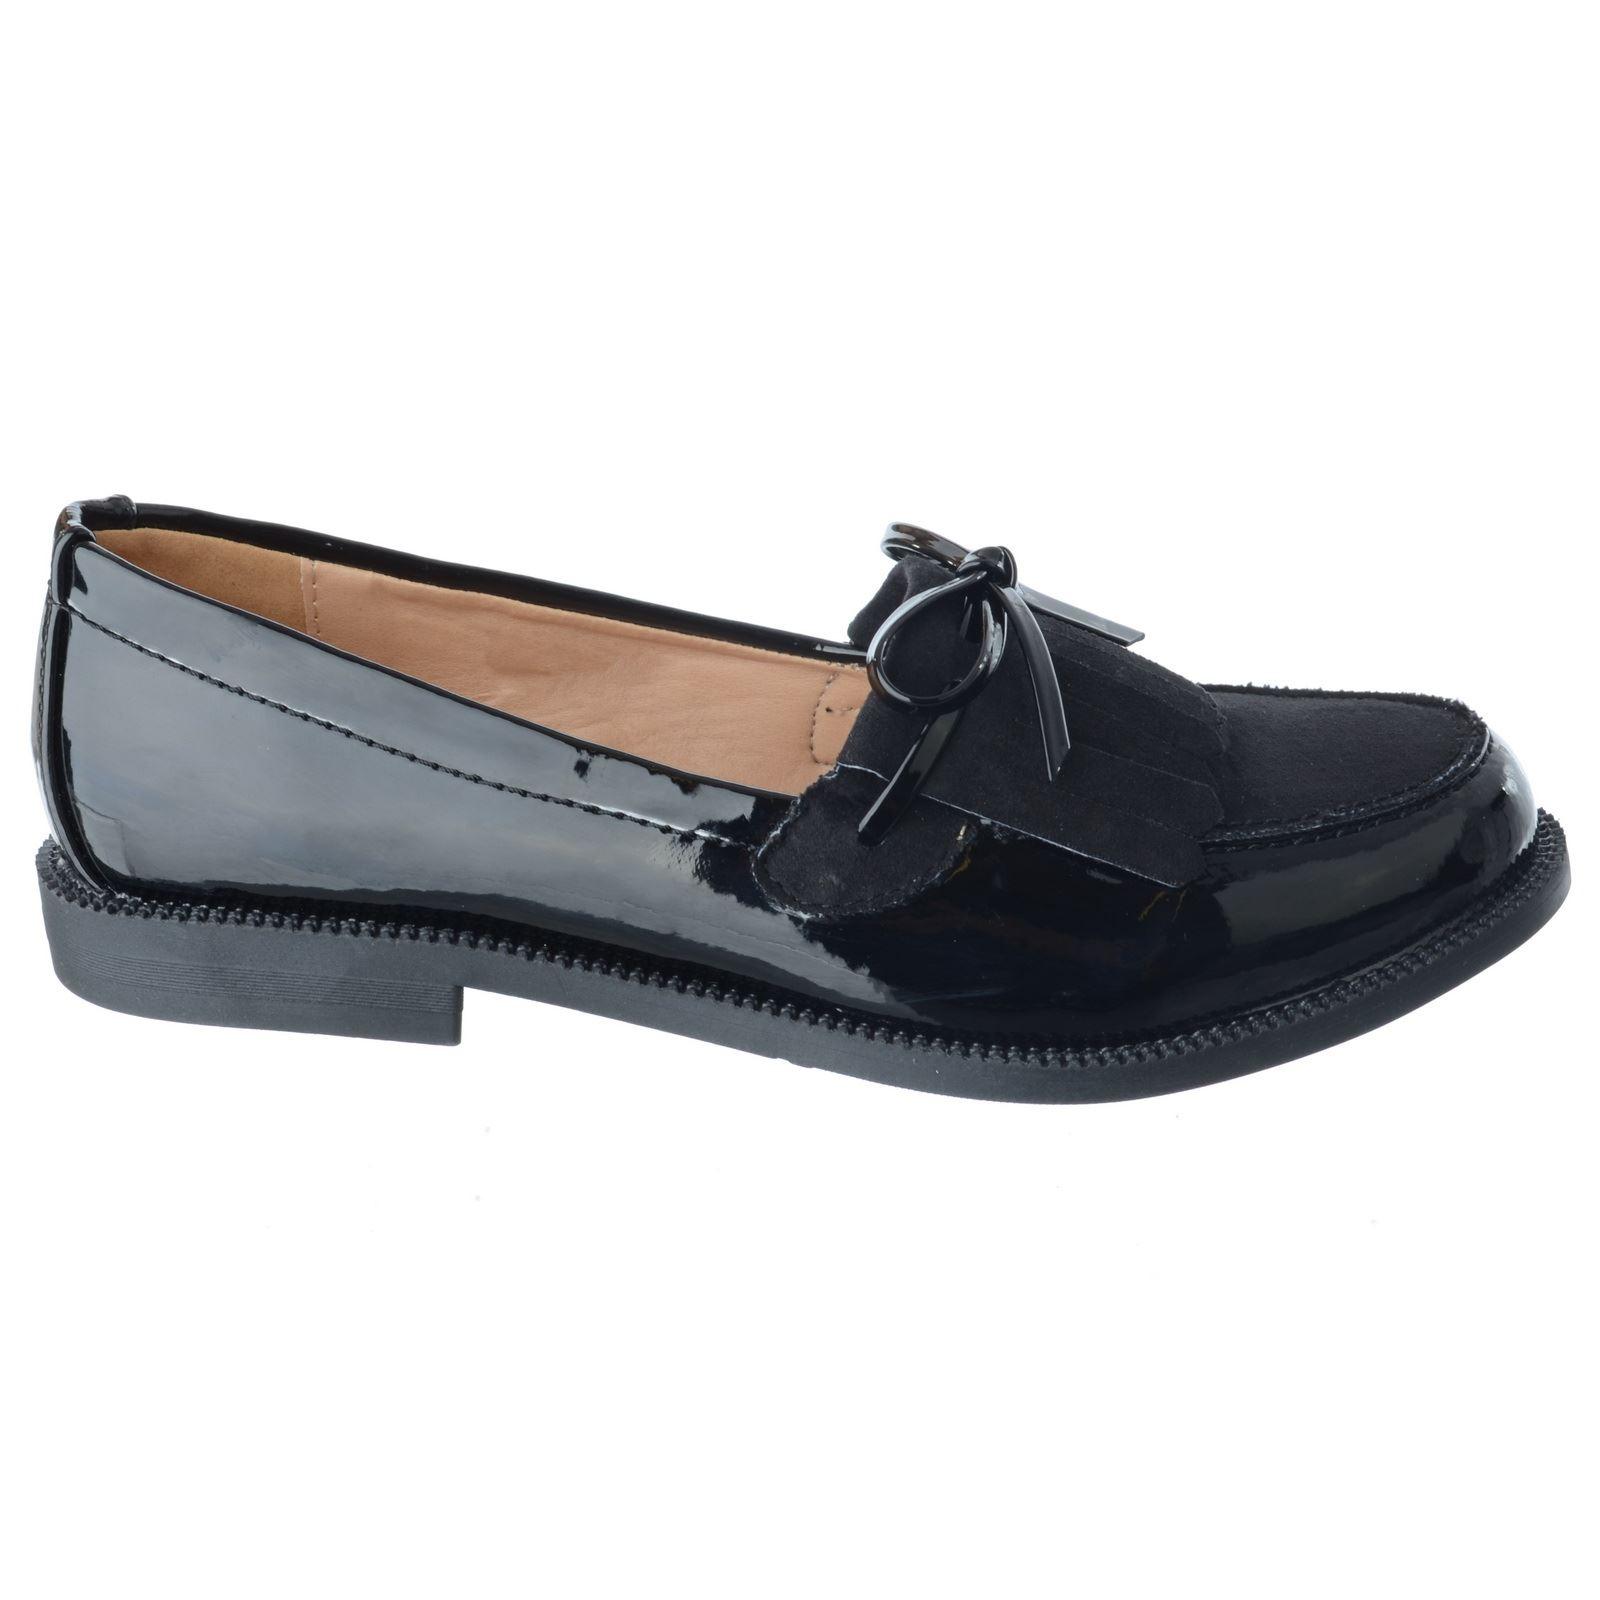 Damen NEU klassisch Fransen Slipper Flach Büro Schuhe Pumps Brogue ...